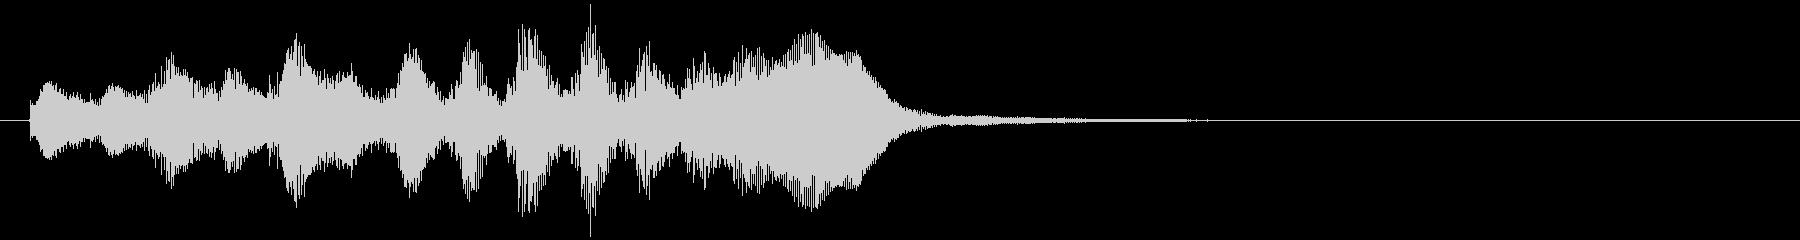 のほほんジングル013_怪しい+3の未再生の波形